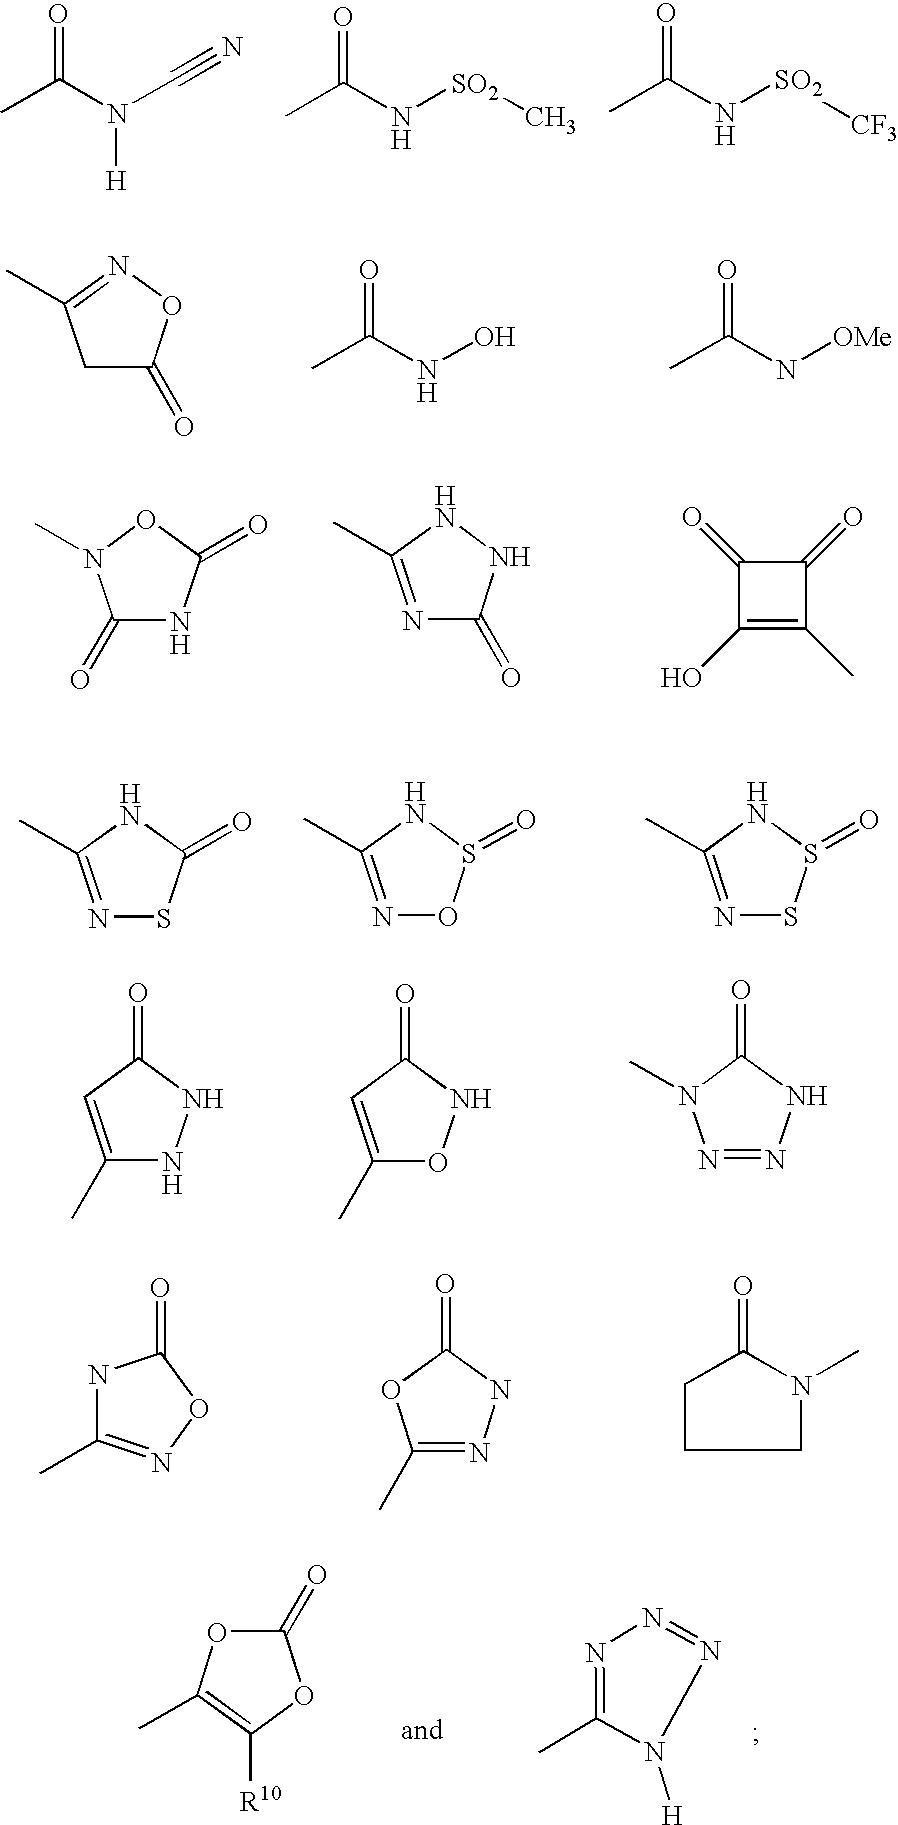 Figure US20050009827A1-20050113-C00043